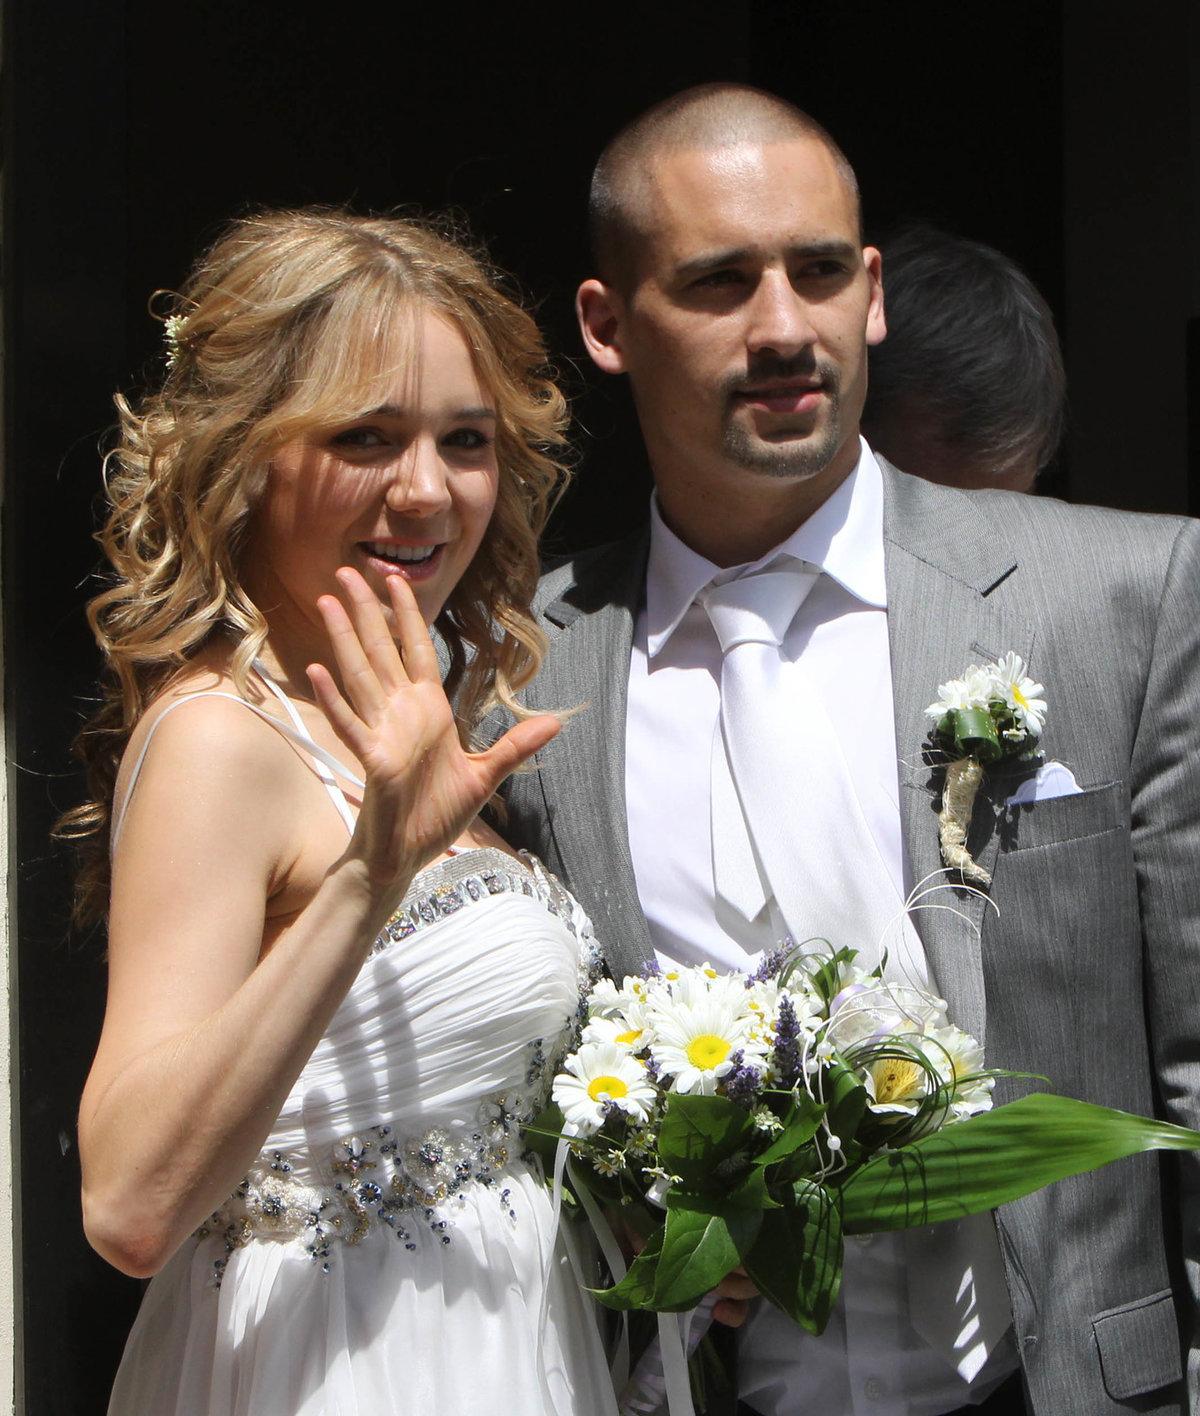 Svatba Tomáše Plekance a Lucie Vondráčkové